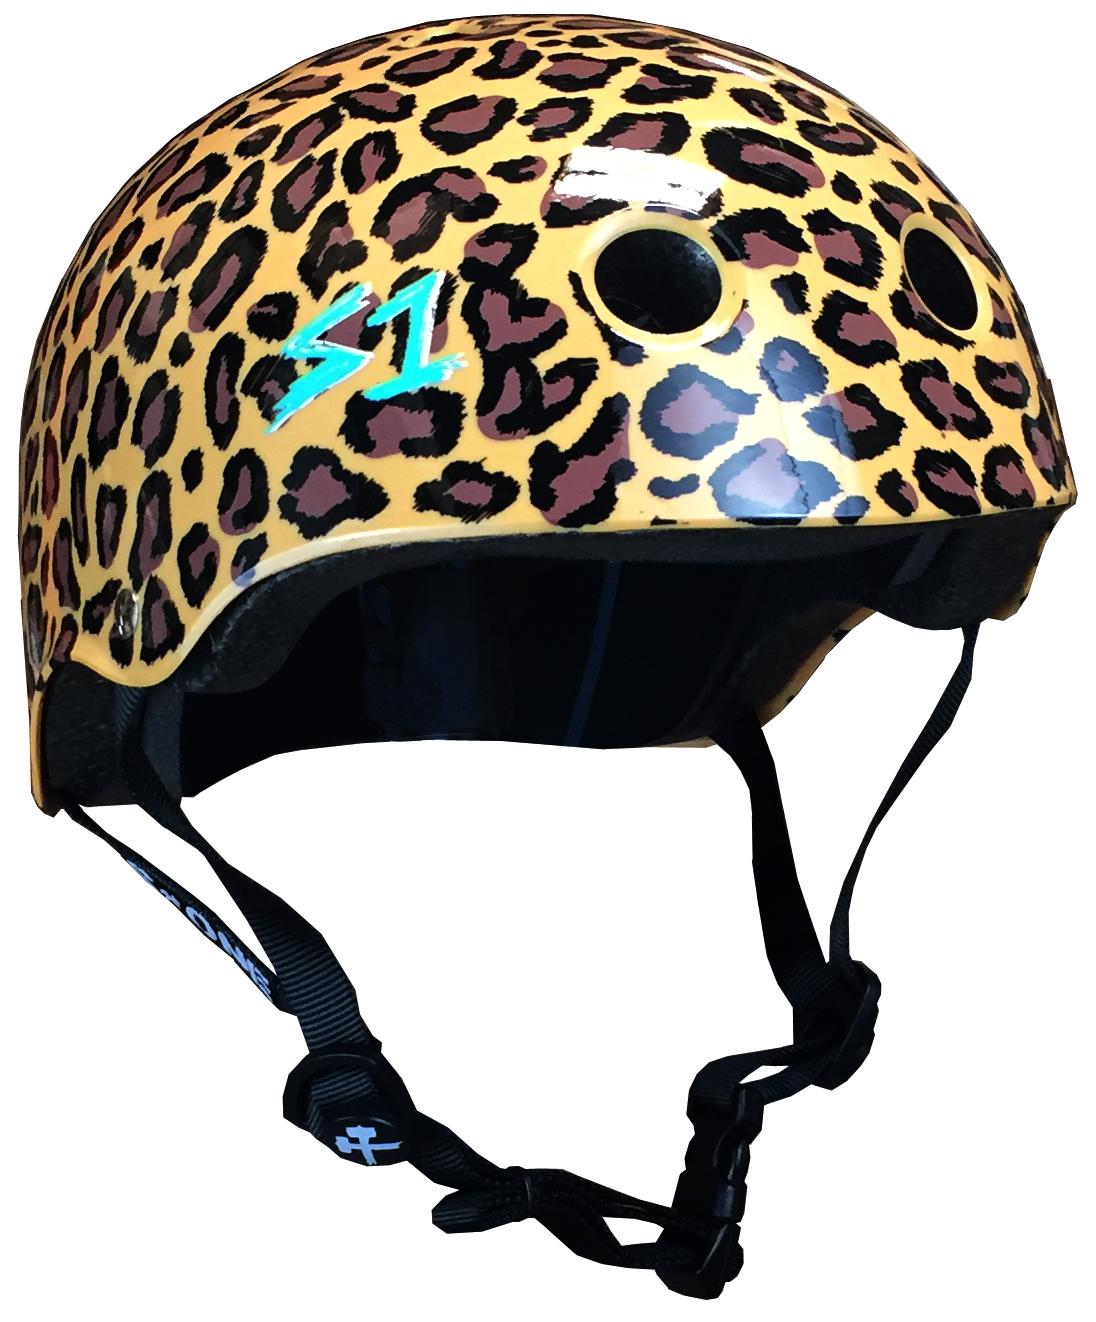 Roller skates helmet - S1 Lifer Helmet X Moxi Roller Skates